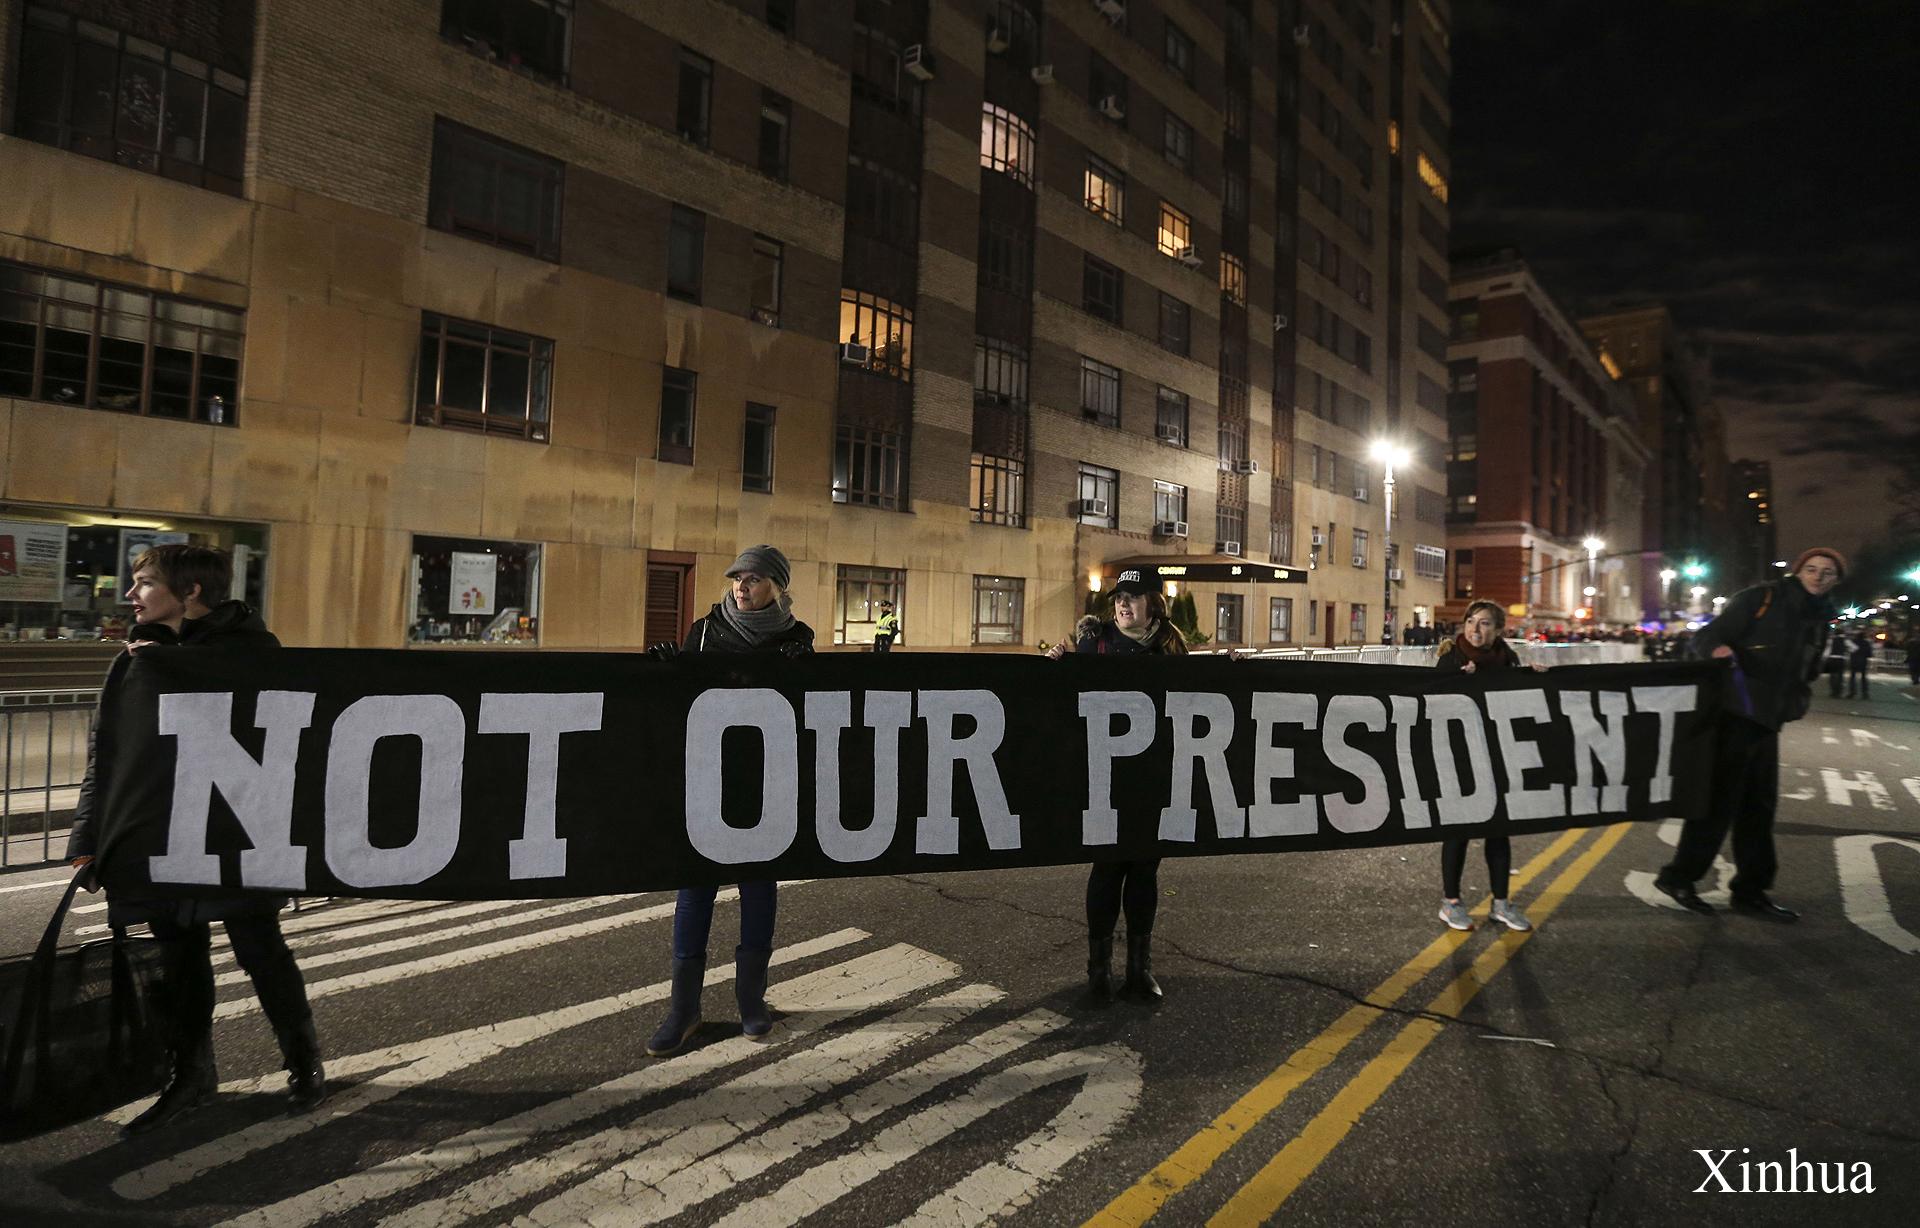 Демонстрация против Трампа в Нью-Йорке / Фото: Xinhua / Укринформ